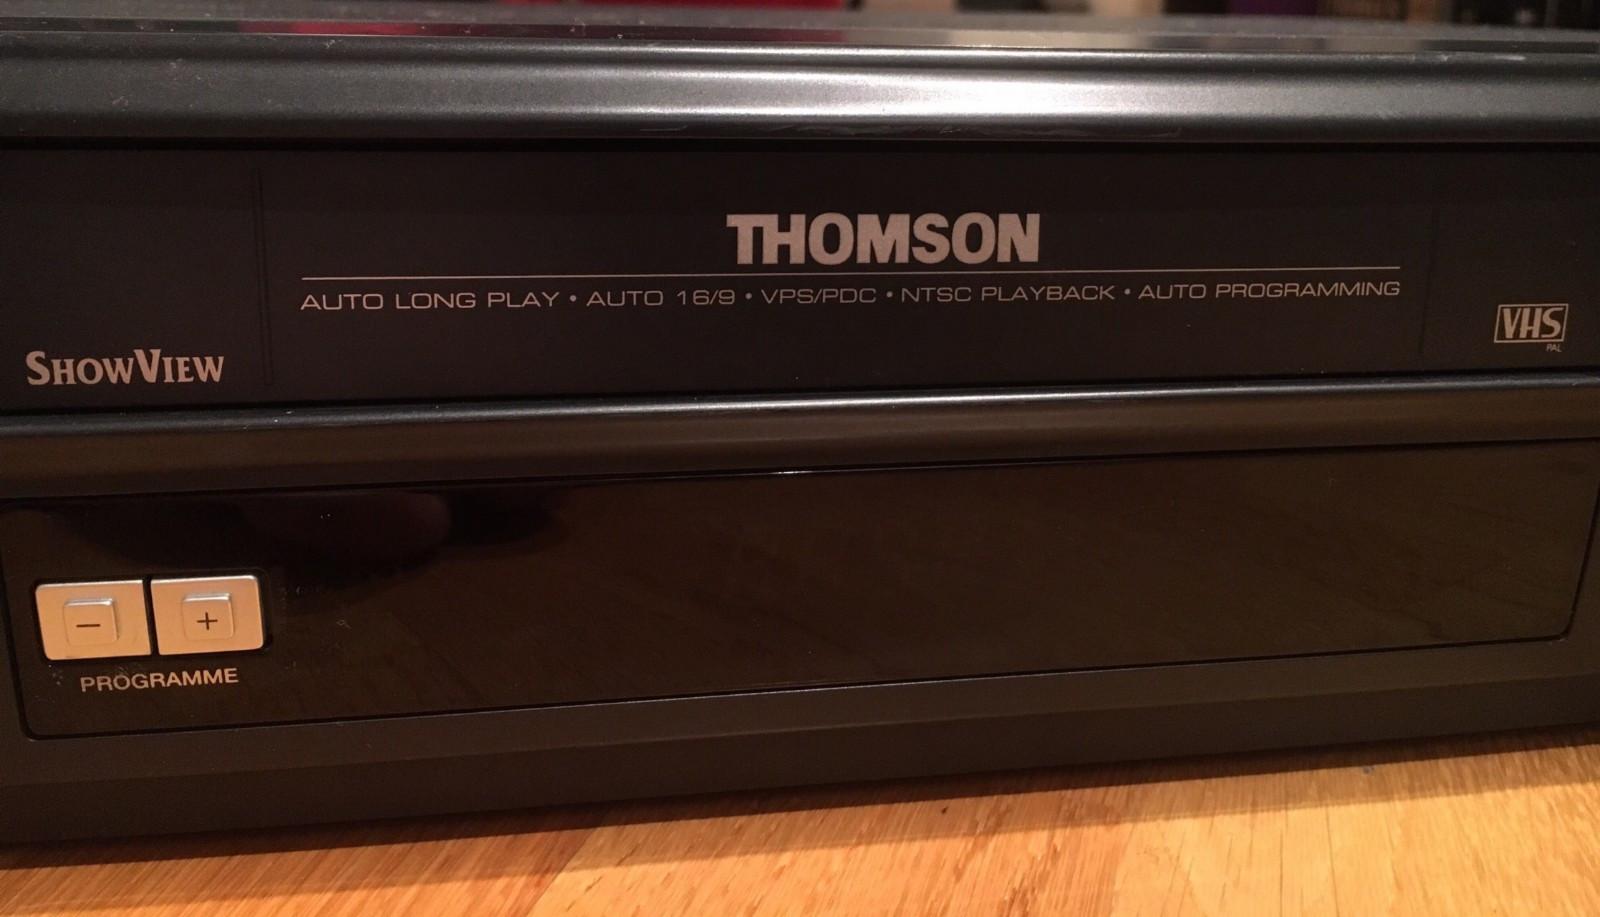 Thomson VHS Stereo - Tromsø  - Thomson VHS-spiller kjøpt på Hifi-Klubben rundt år 2000. Meget god lyd og bilde. Nicam Hifi Stereo. Scart-kabel medfølger - Tromsø